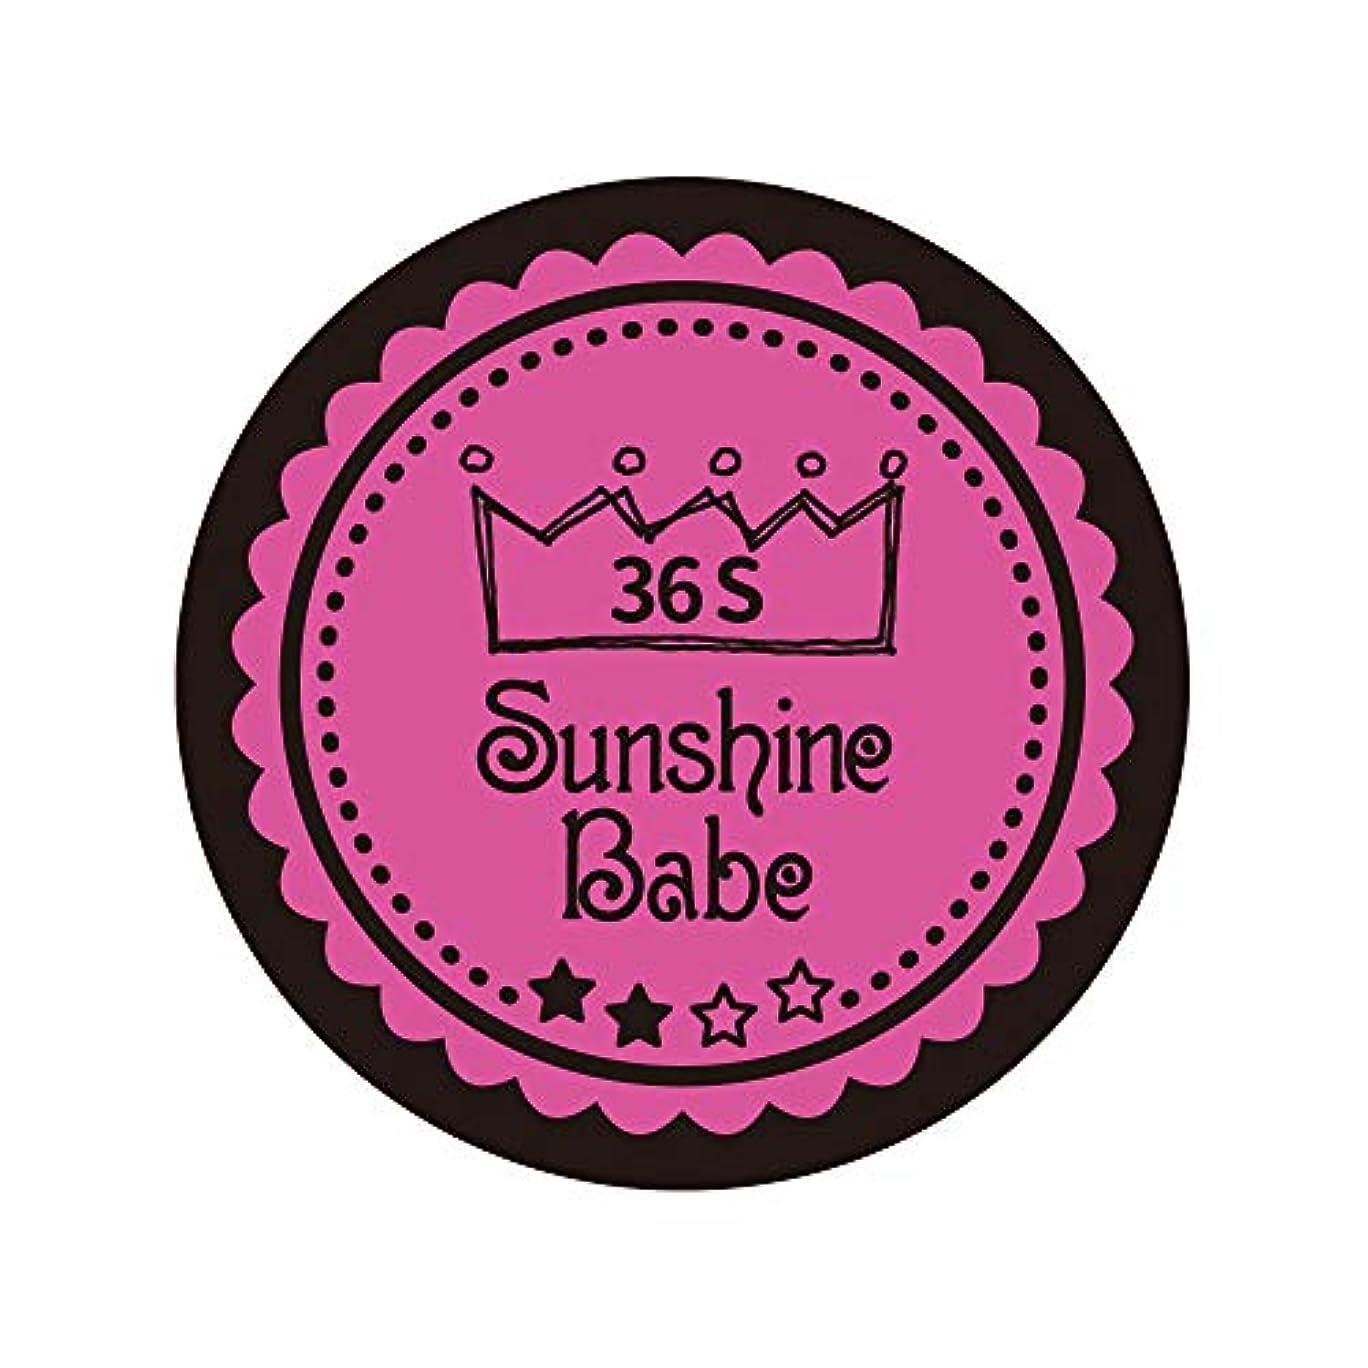 なしでロケット拒絶するSunshine Babe カラージェル 36S クロッカスピンク 4g UV/LED対応